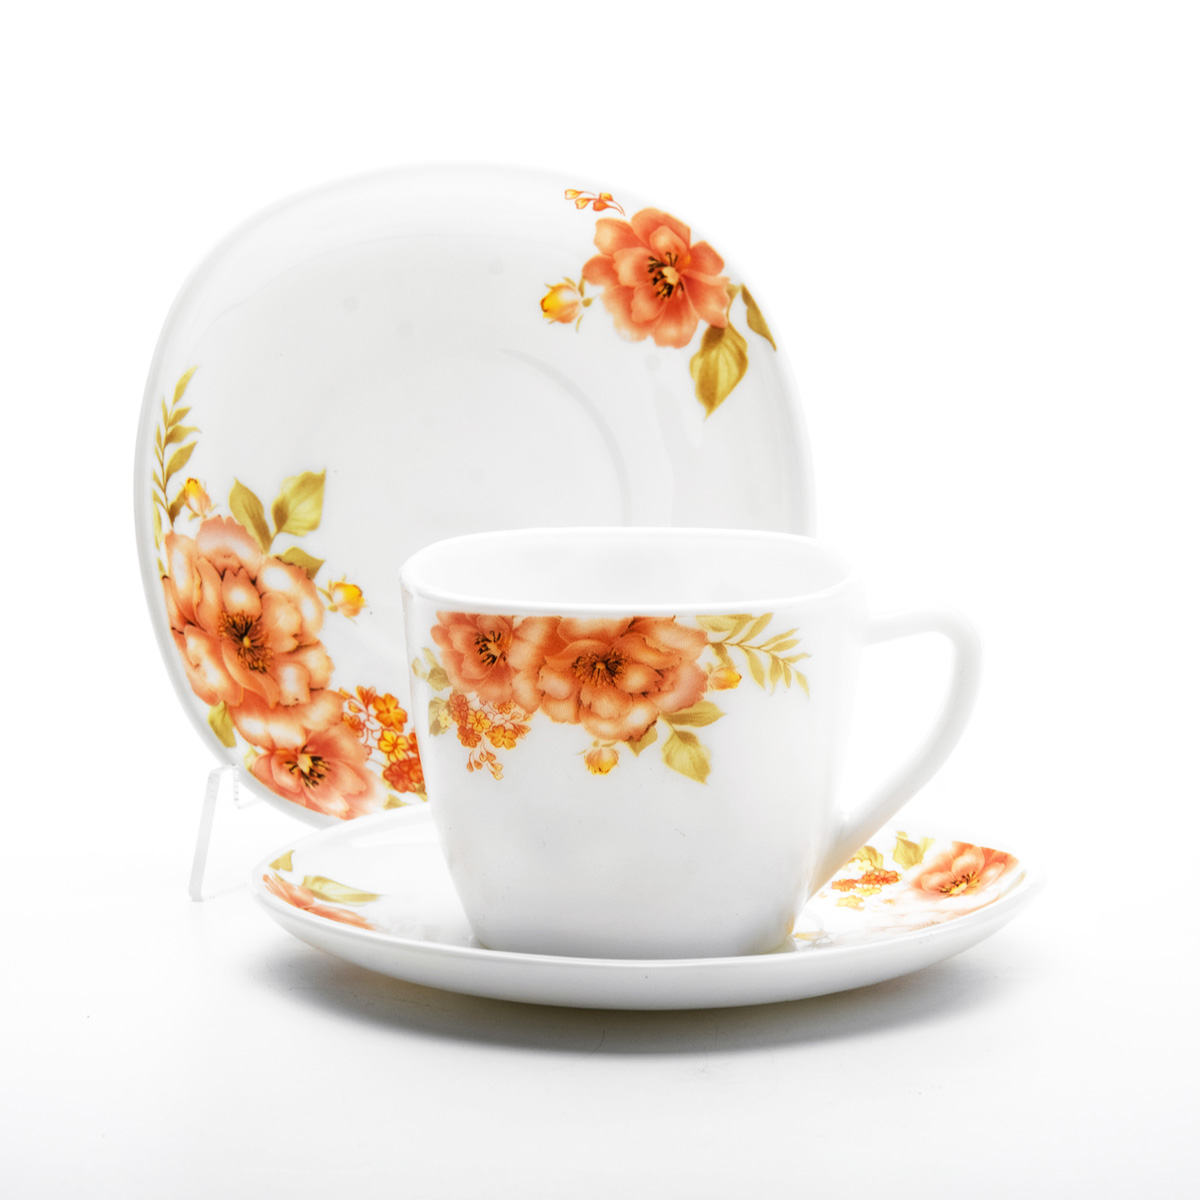 Набор чайный Mayer & Boch Цветы, 12 предметов. 241091262781Чайный набор Mayer & Boch Цветы, выполненный из высококачественного стекла, состоит из шести чашек и шести блюдец. Предметы набора оформлены изображением цветов. Изящный дизайн и красочность оформления придутся по вкусу и ценителям классики, и тем, кто предпочитает утонченность и изысканность. Чайный набор - идеальный и необходимый подарок для вашего дома и для ваших друзей в праздники, юбилеи и торжества! Он также станет отличным корпоративным подарком и украшением любой кухни.Объем чашки: 210 мл.Размер чашки по верхнему краю: 8,5 см х 8 см.Высота чашки: 7 см.Размер блюдца: 14 см х 14 см.